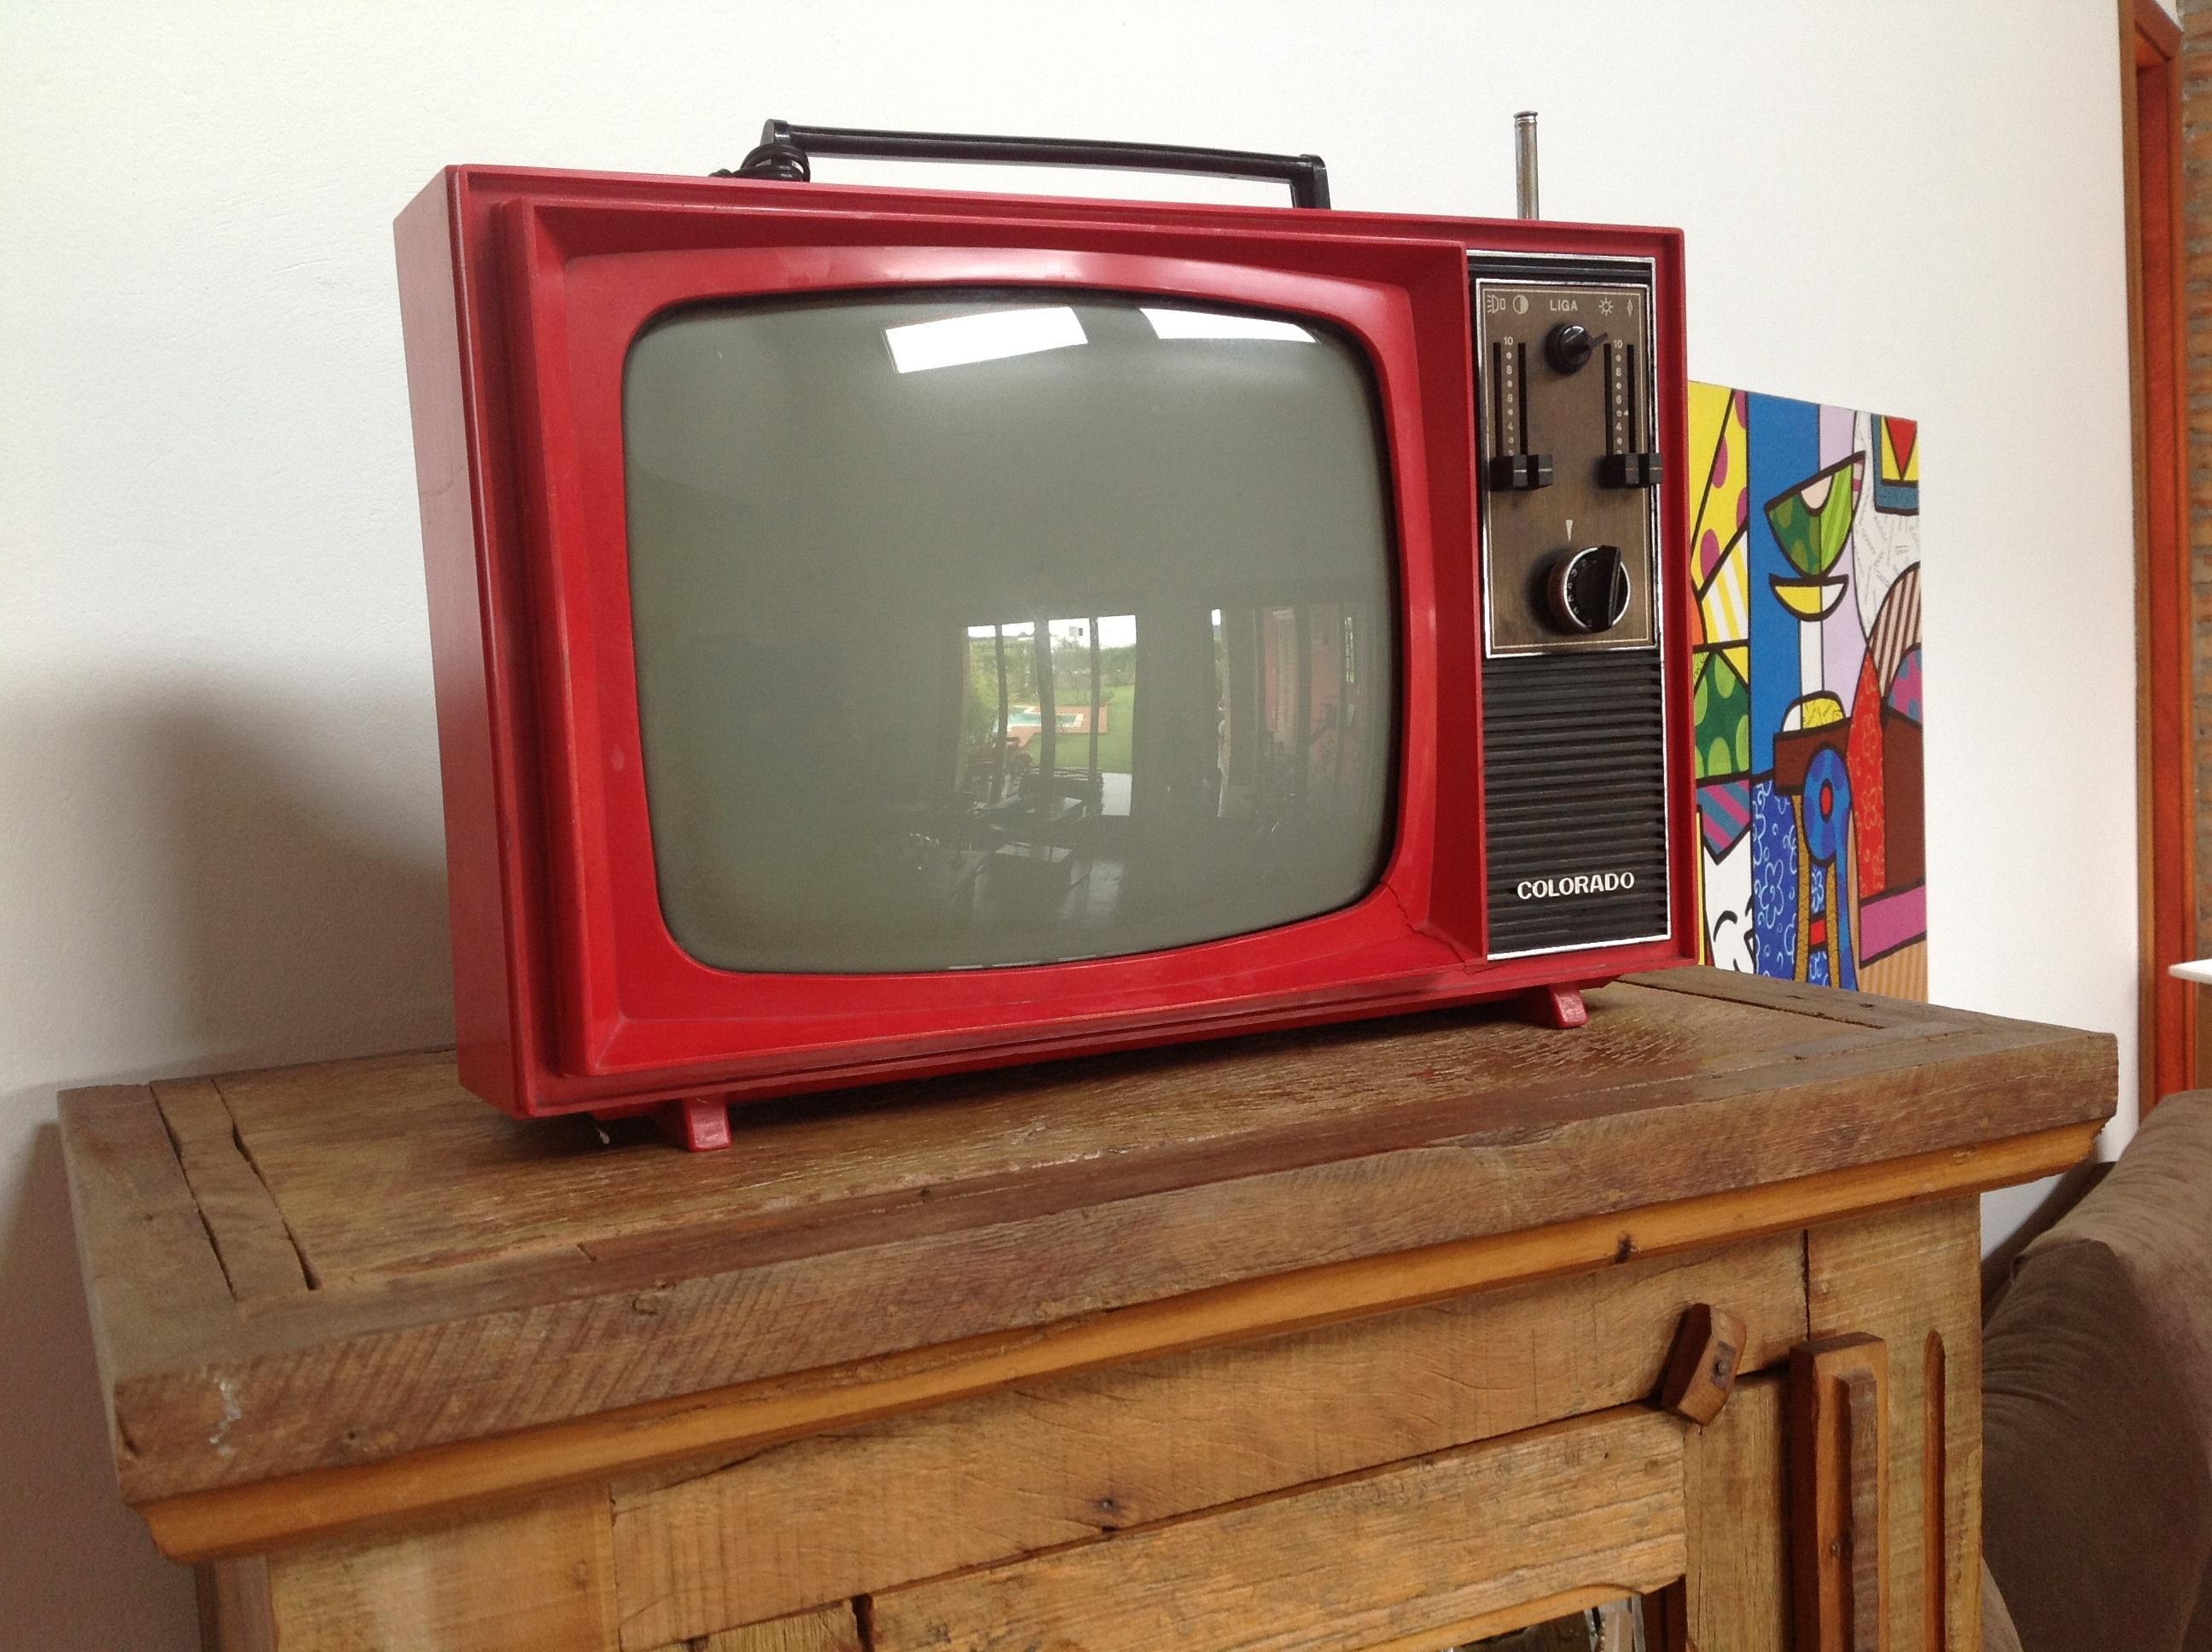 Estilos vintage e retr invadem a decora o dos ambientes for Mobilia anos 70